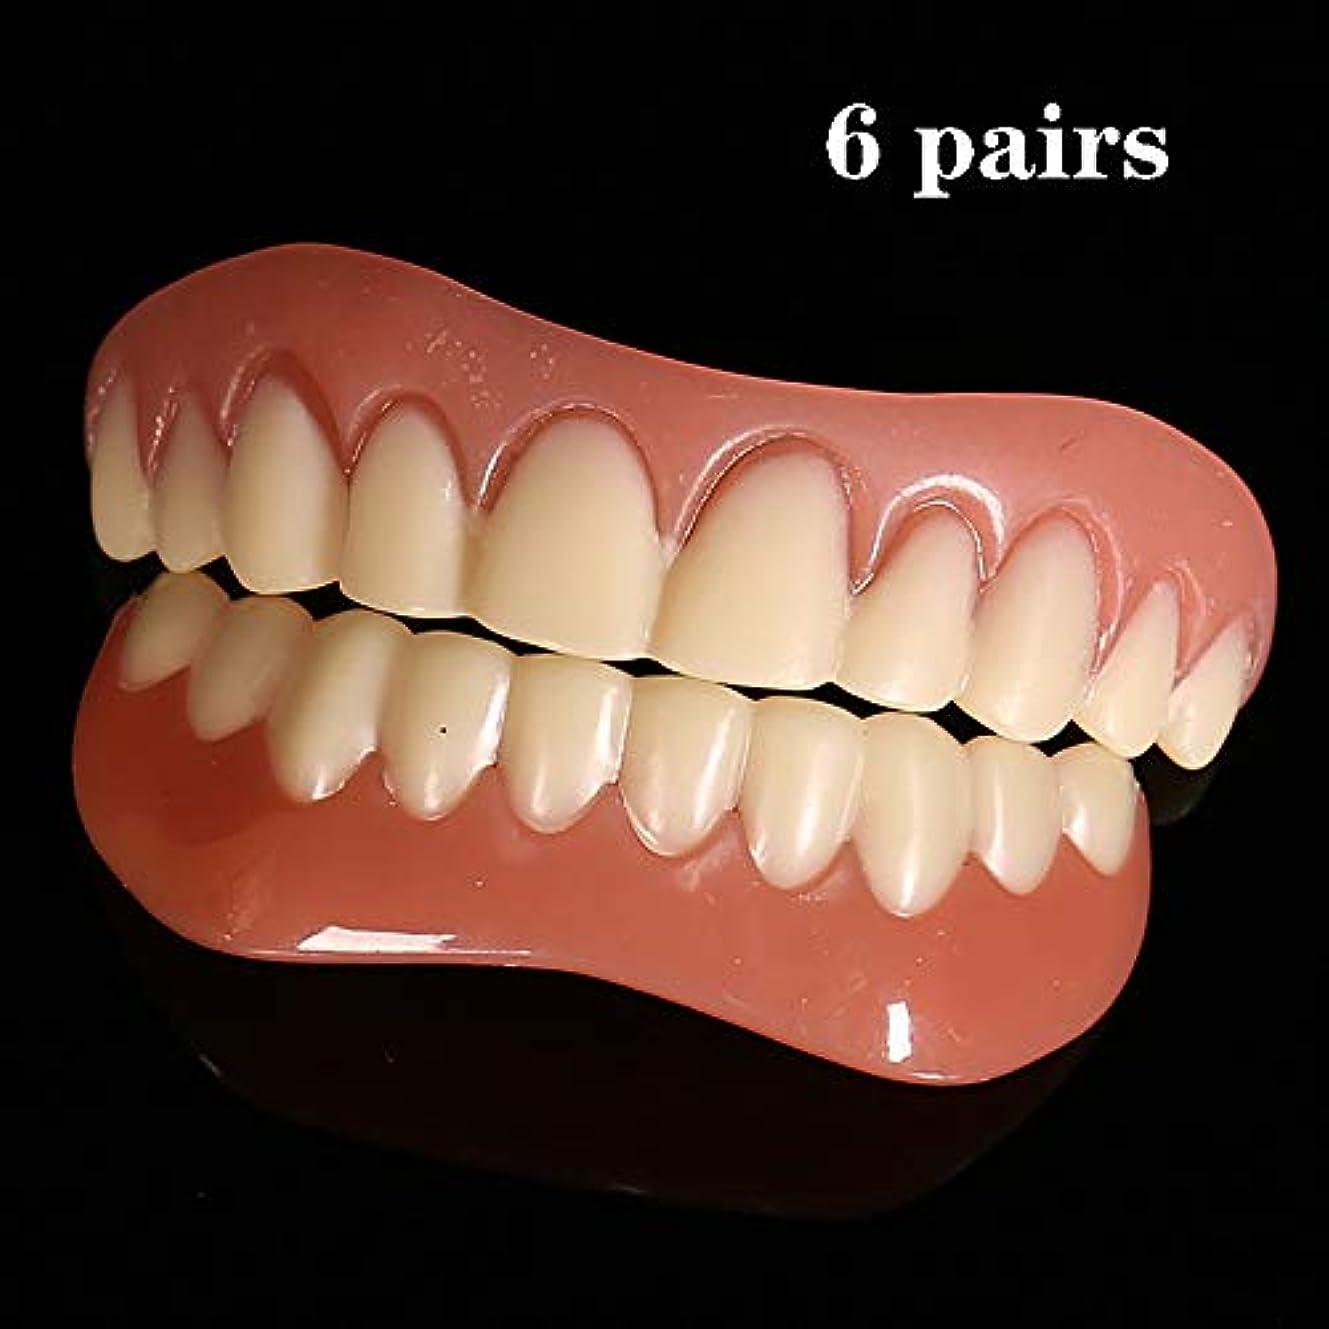 敬意詐欺師活気づける歯突き板化粧品歯スナップオンセキュア6ペア上下の快適さフィット歯突き板安全インスタントスマイル化粧品ワンサイズ